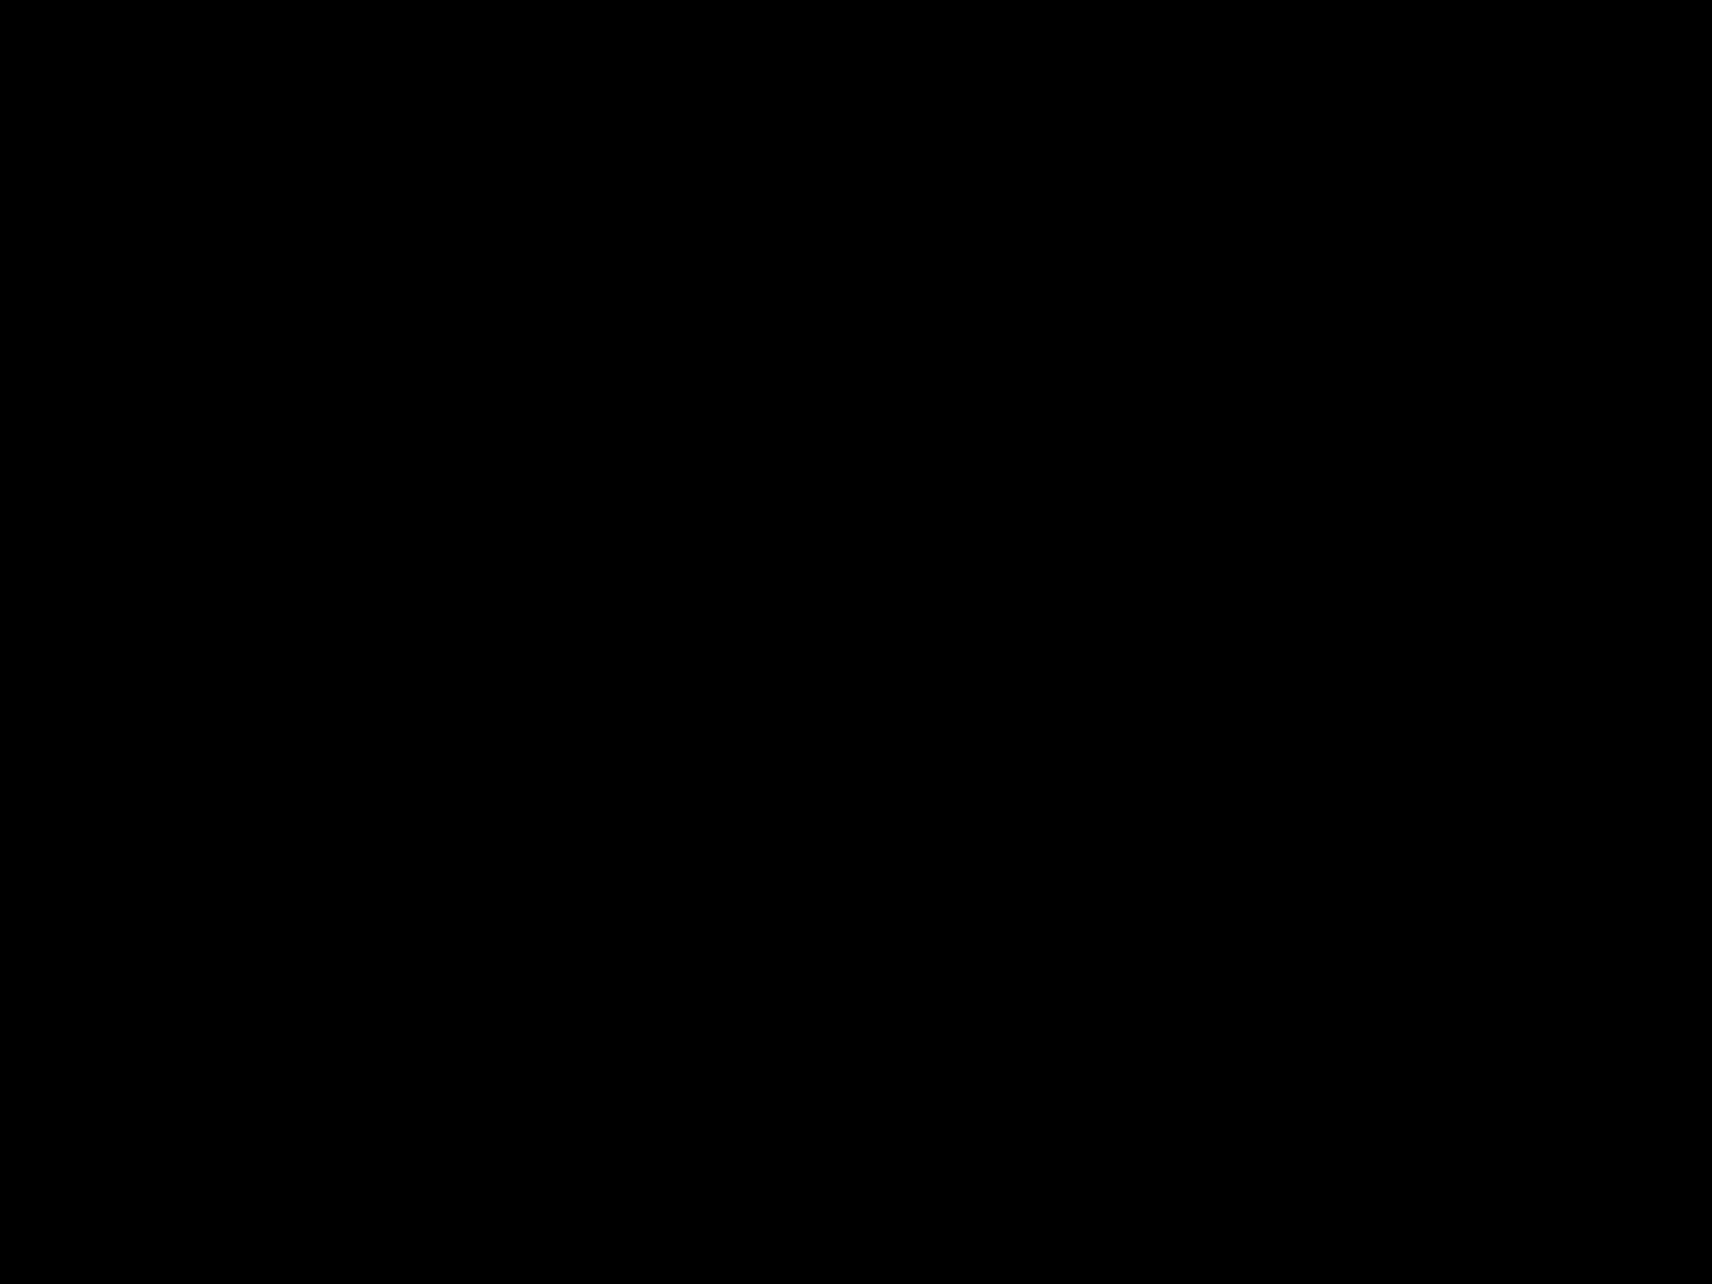 10272_12.jpg